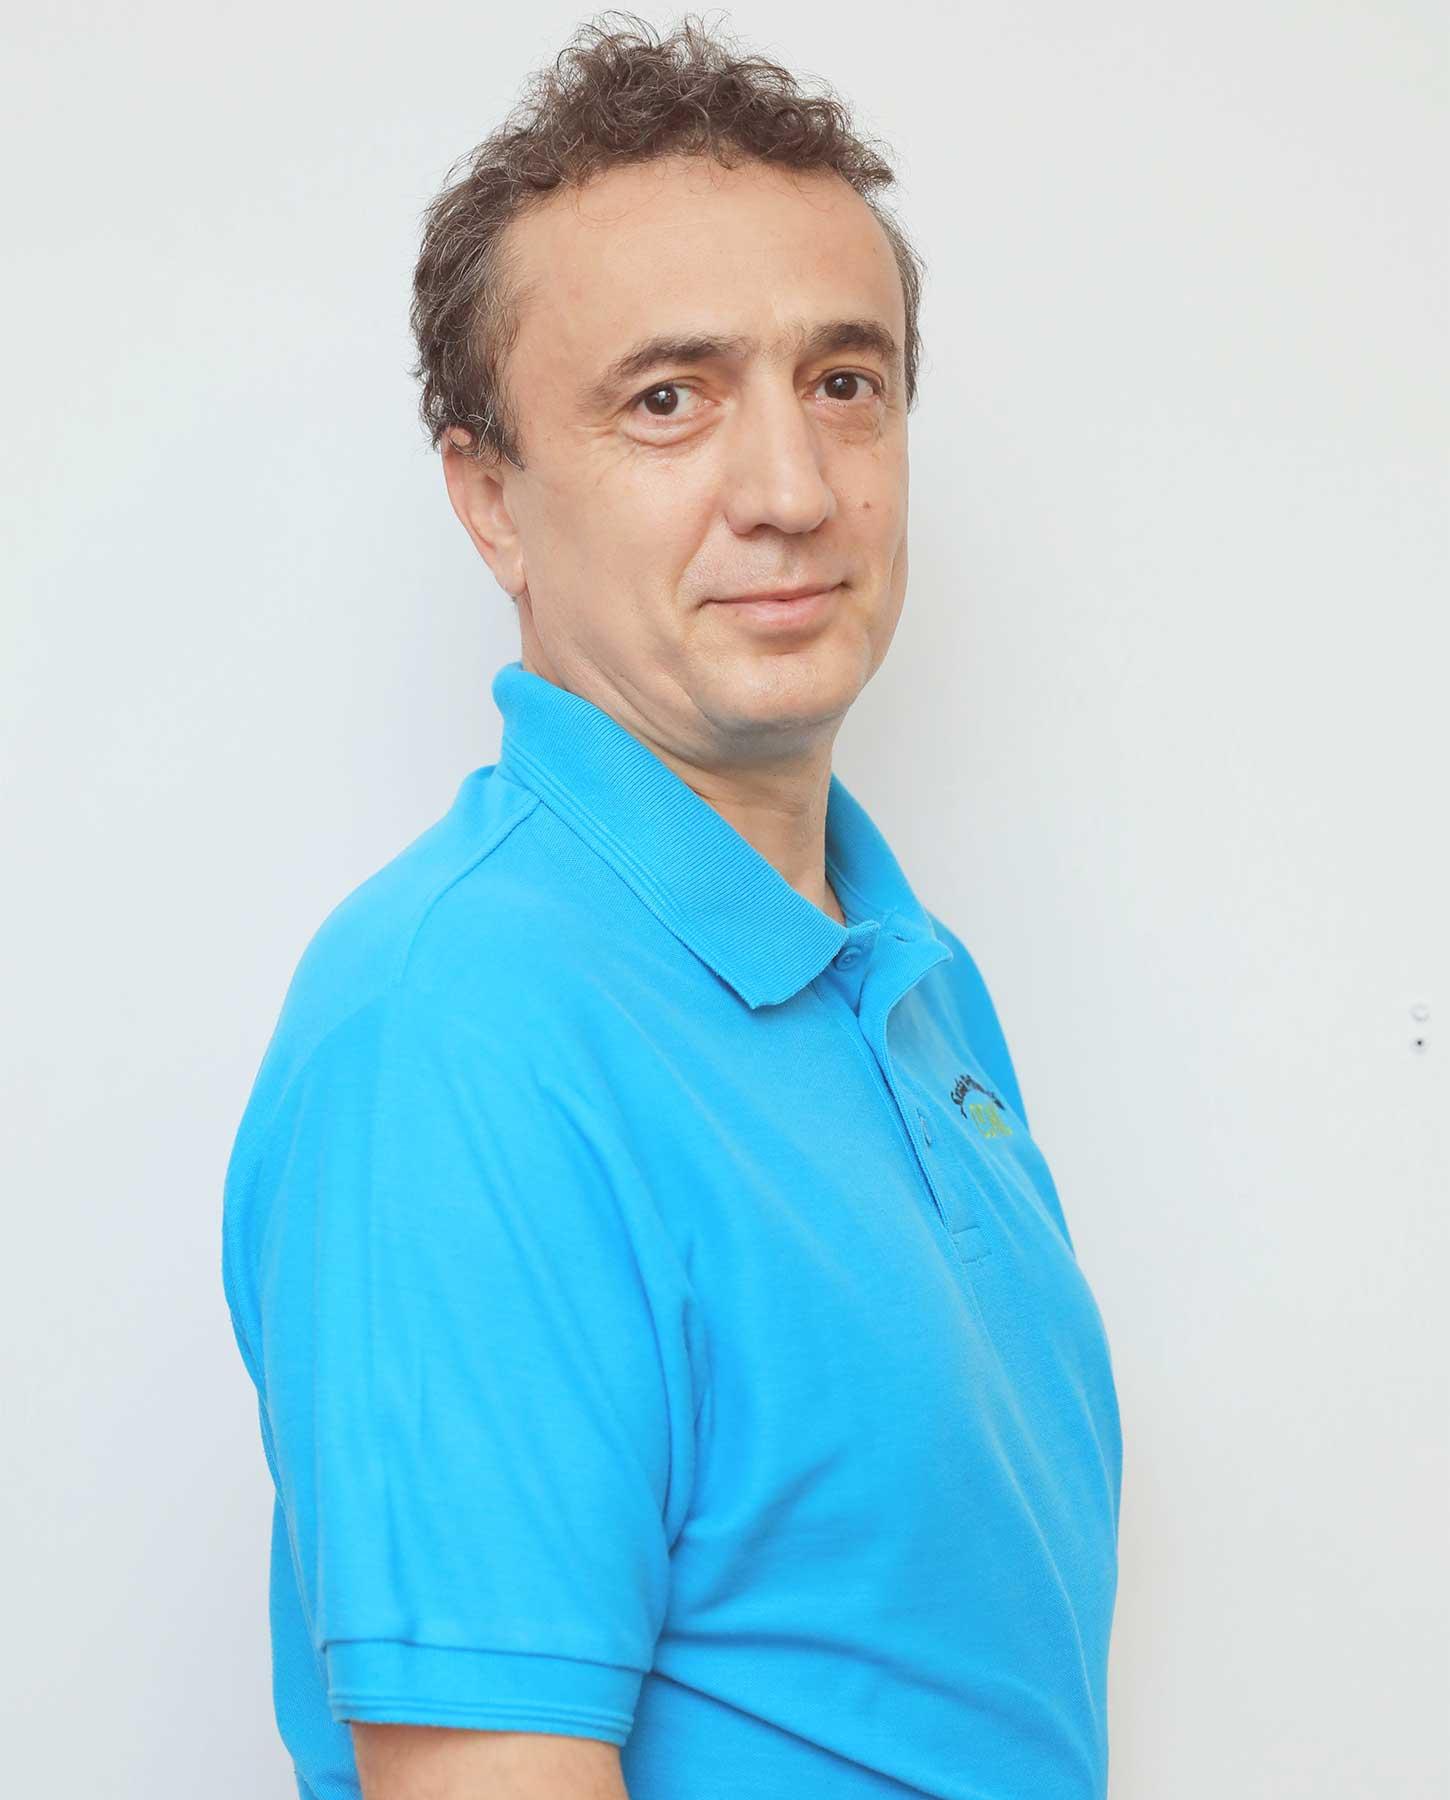 Florian Micu